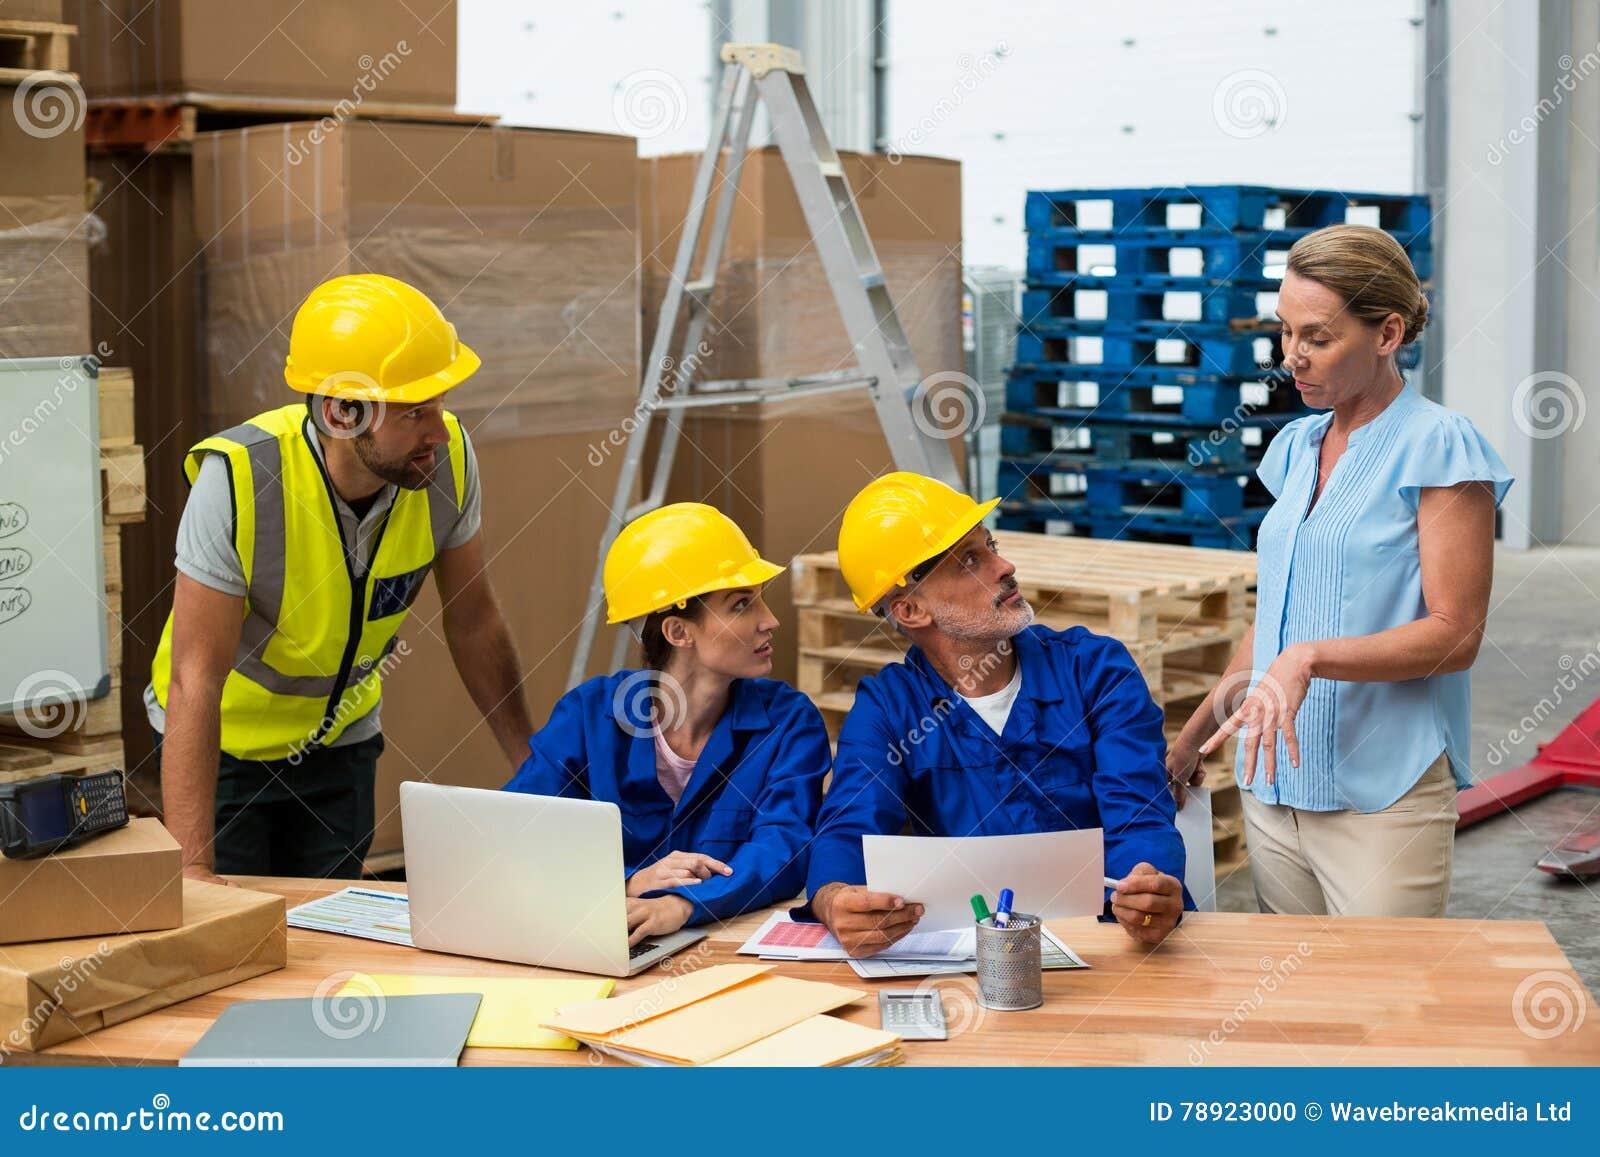 Lavoratori del magazzino che discutono con il responsabile